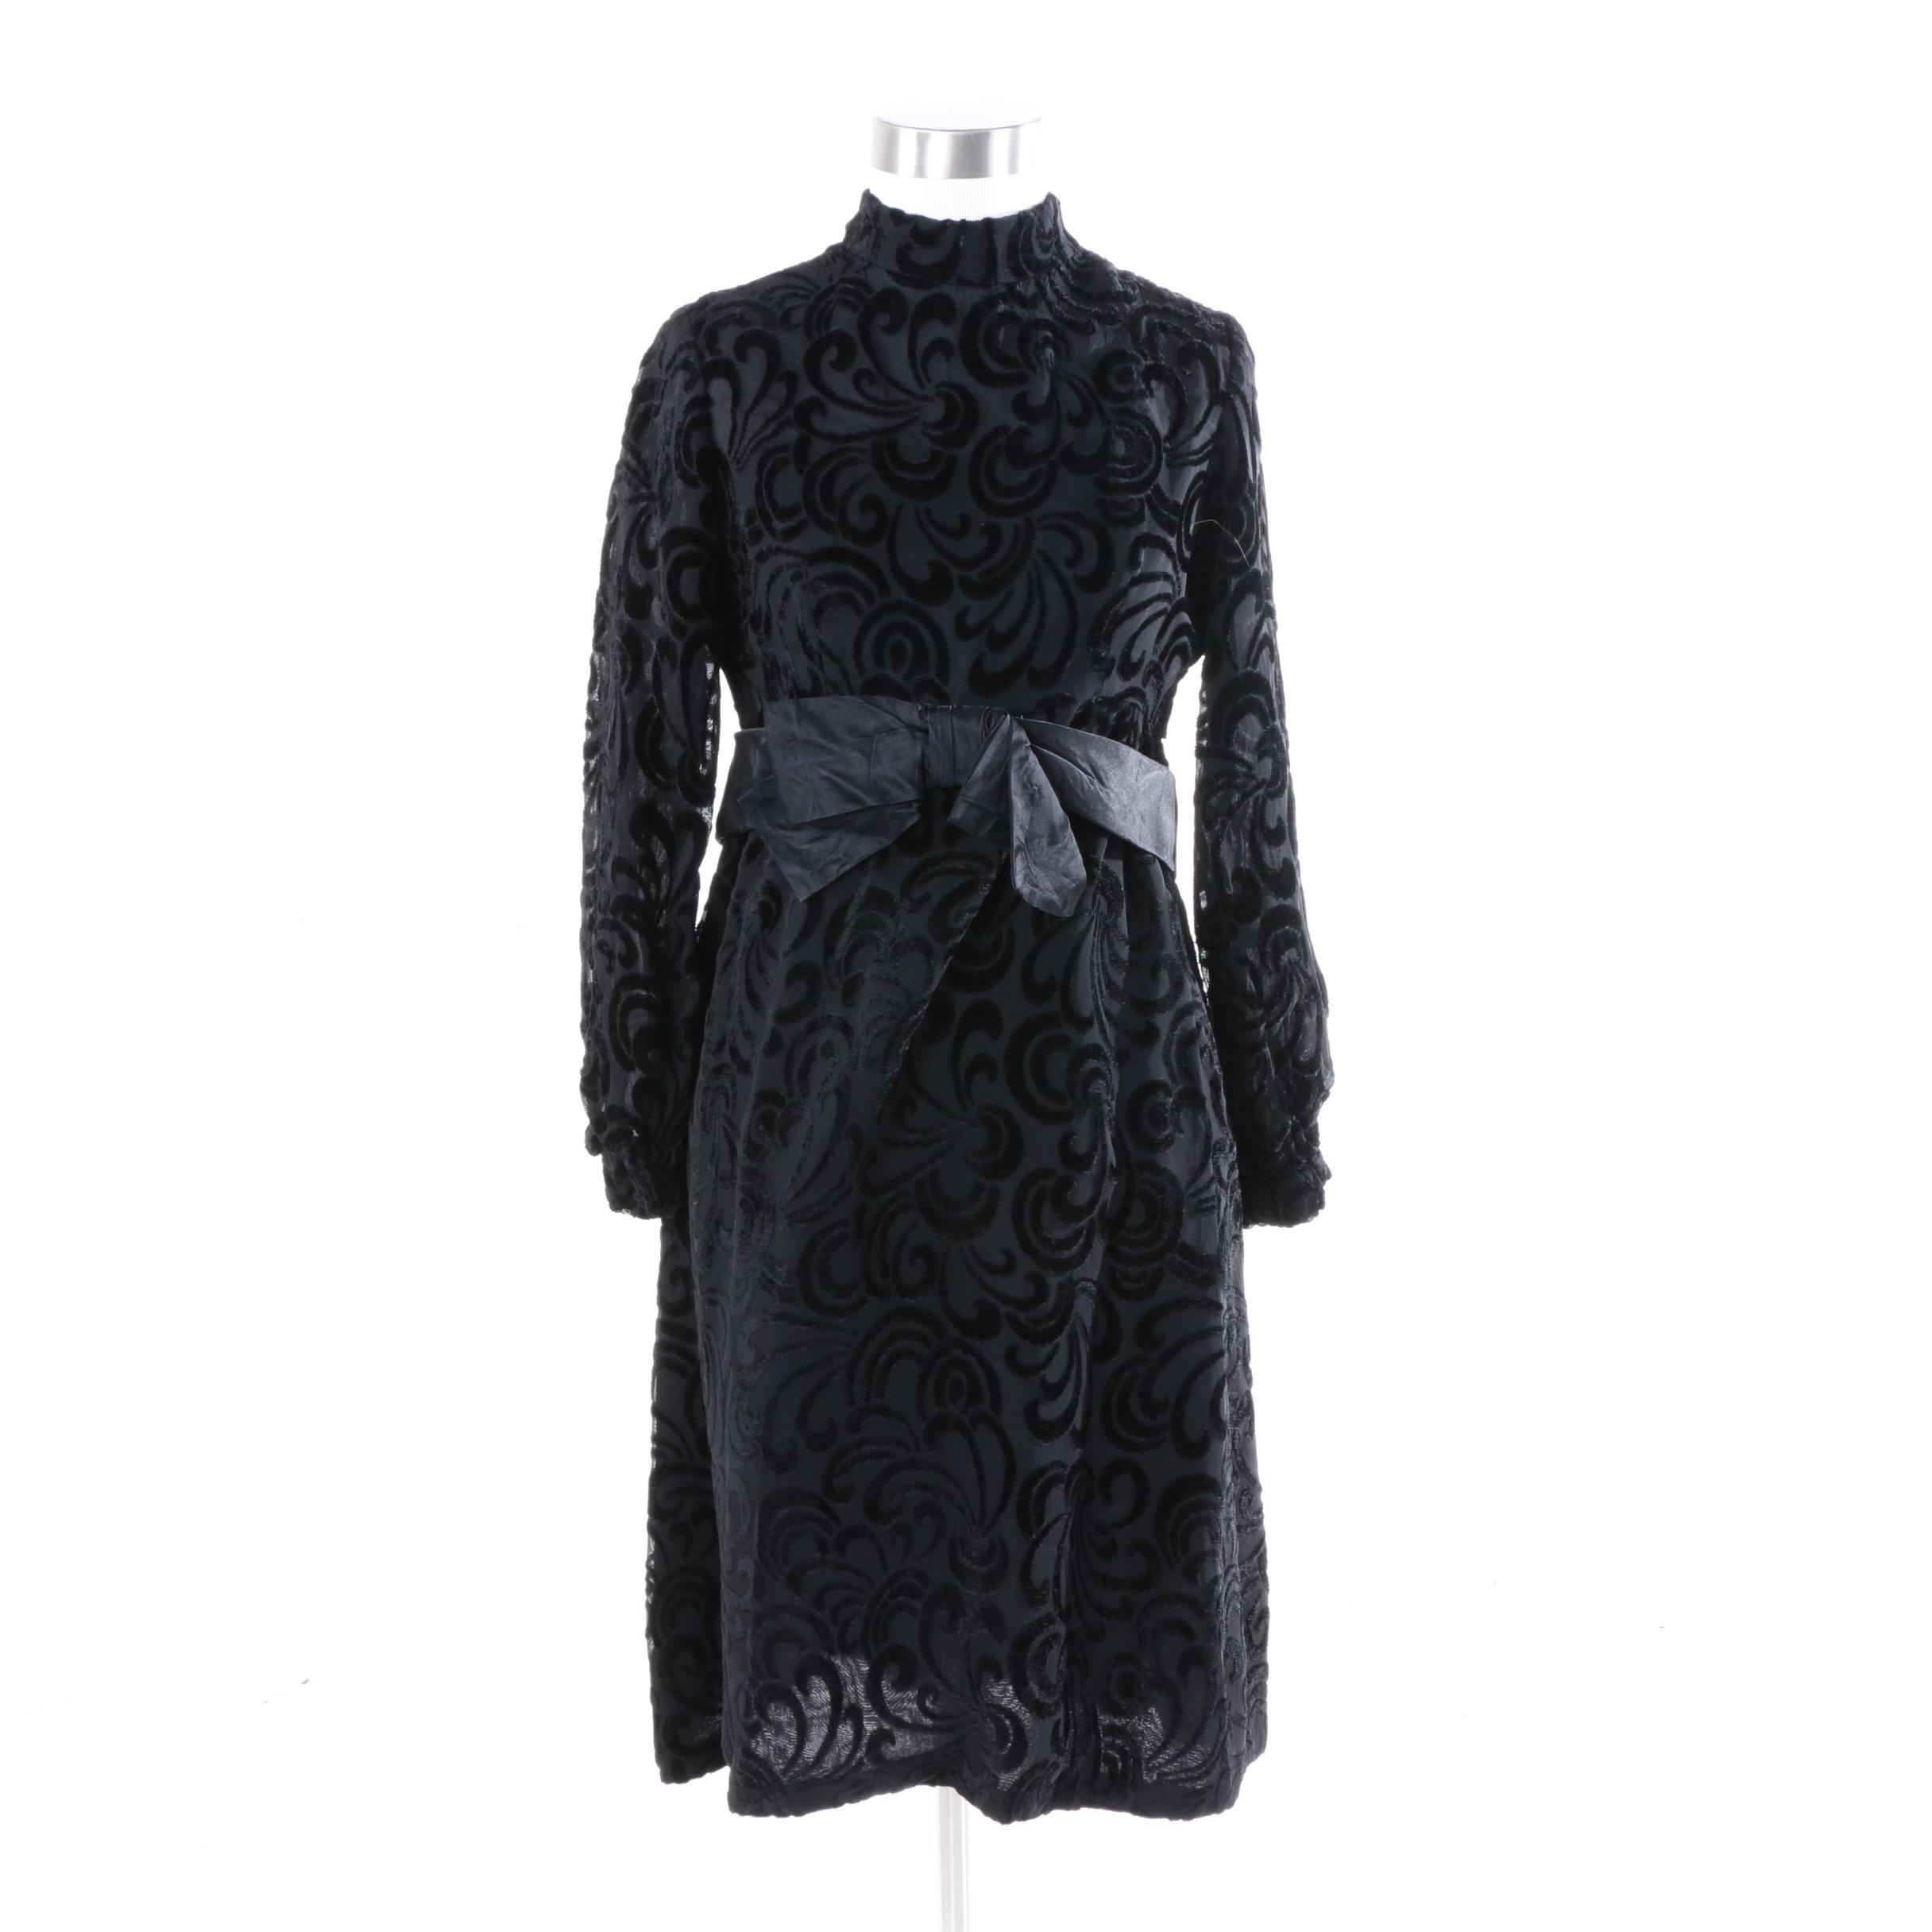 1970s R.S.V.P. Neiman Marcus Black Devoré Velvet Cocktail Dress